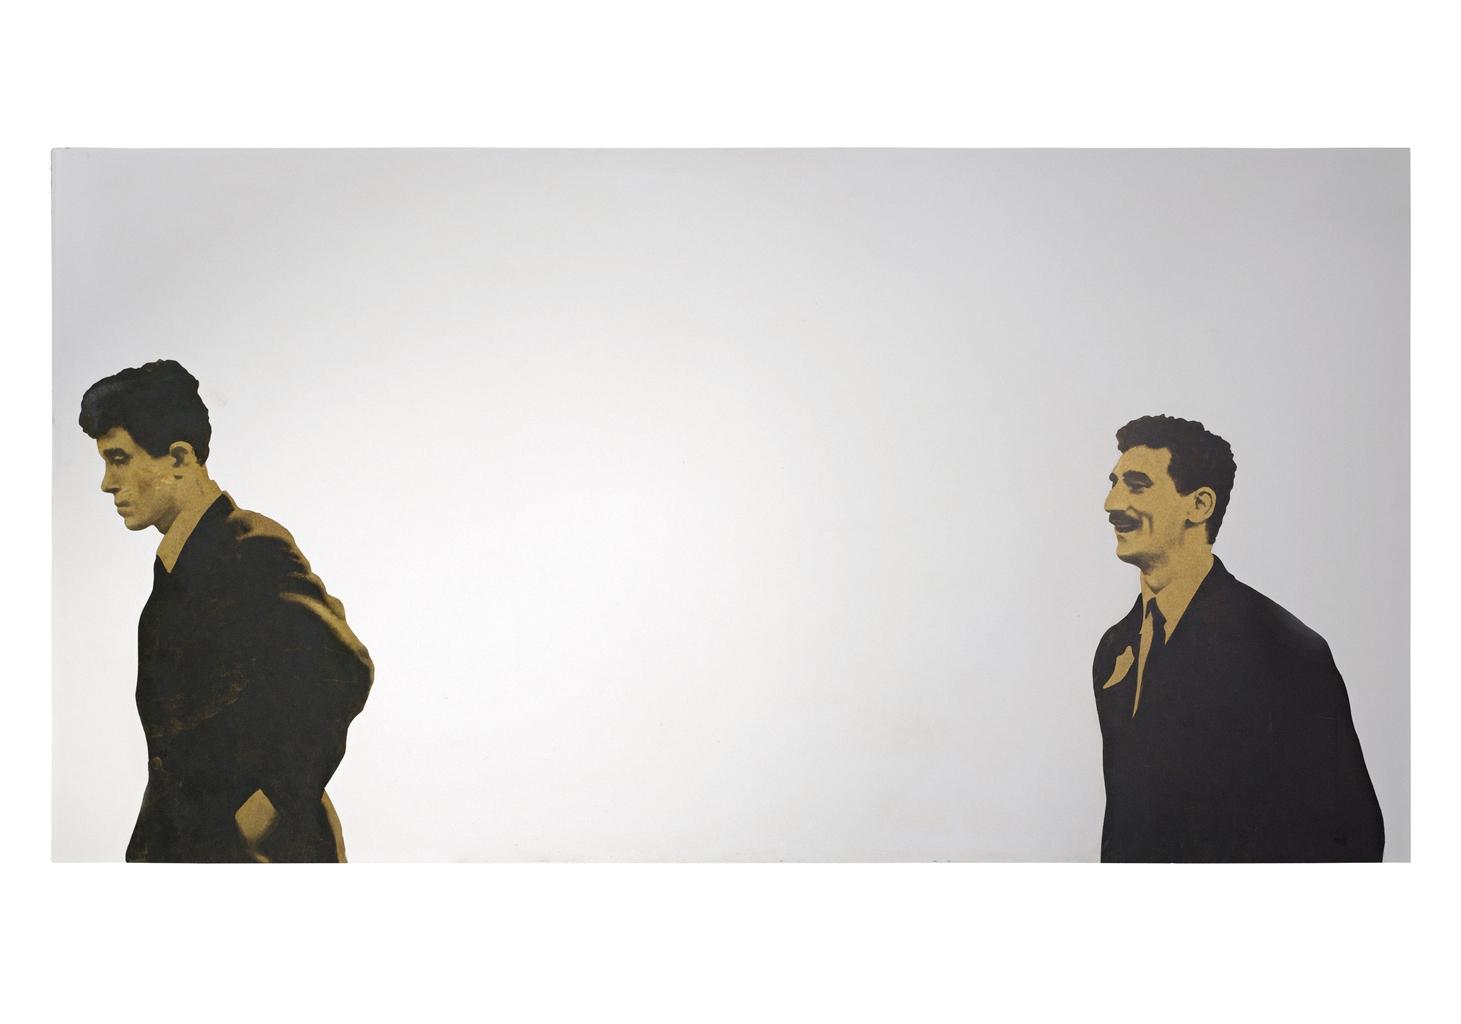 Michelangelo Pistoletto-Due uomini che camminano (Two Men Walking)-1966